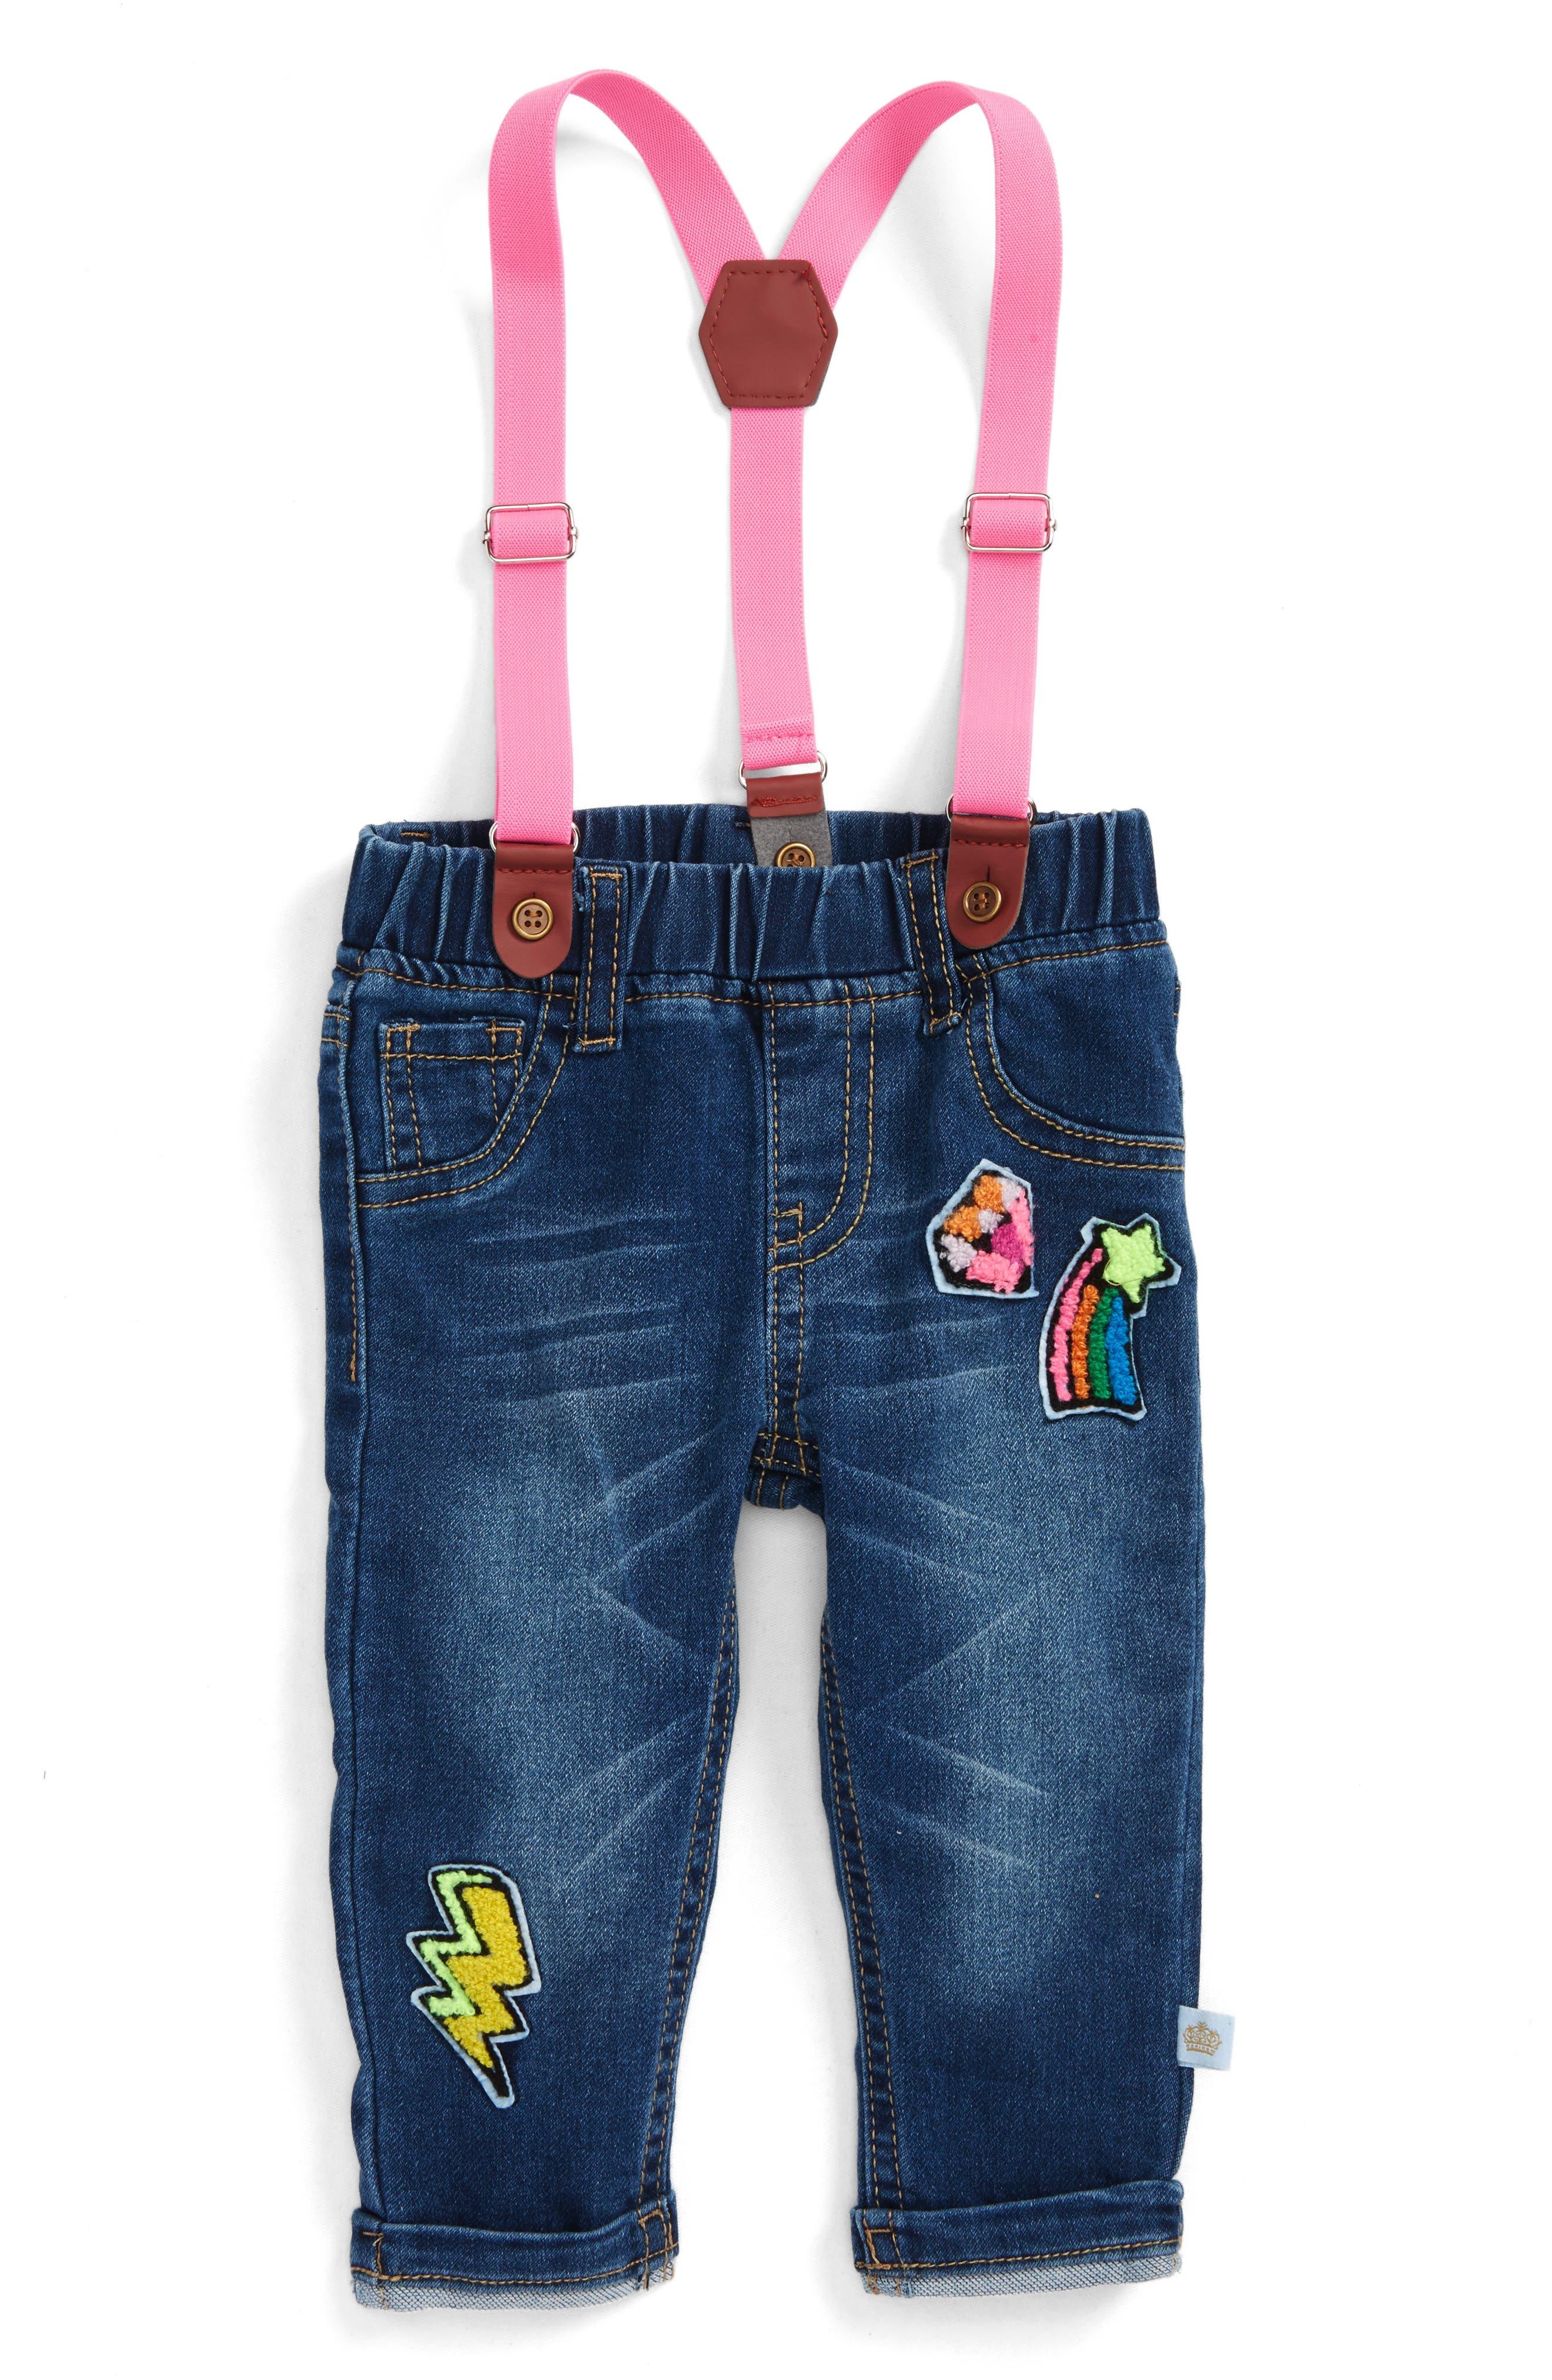 Jeans & Suspenders Set,                         Main,                         color, 420